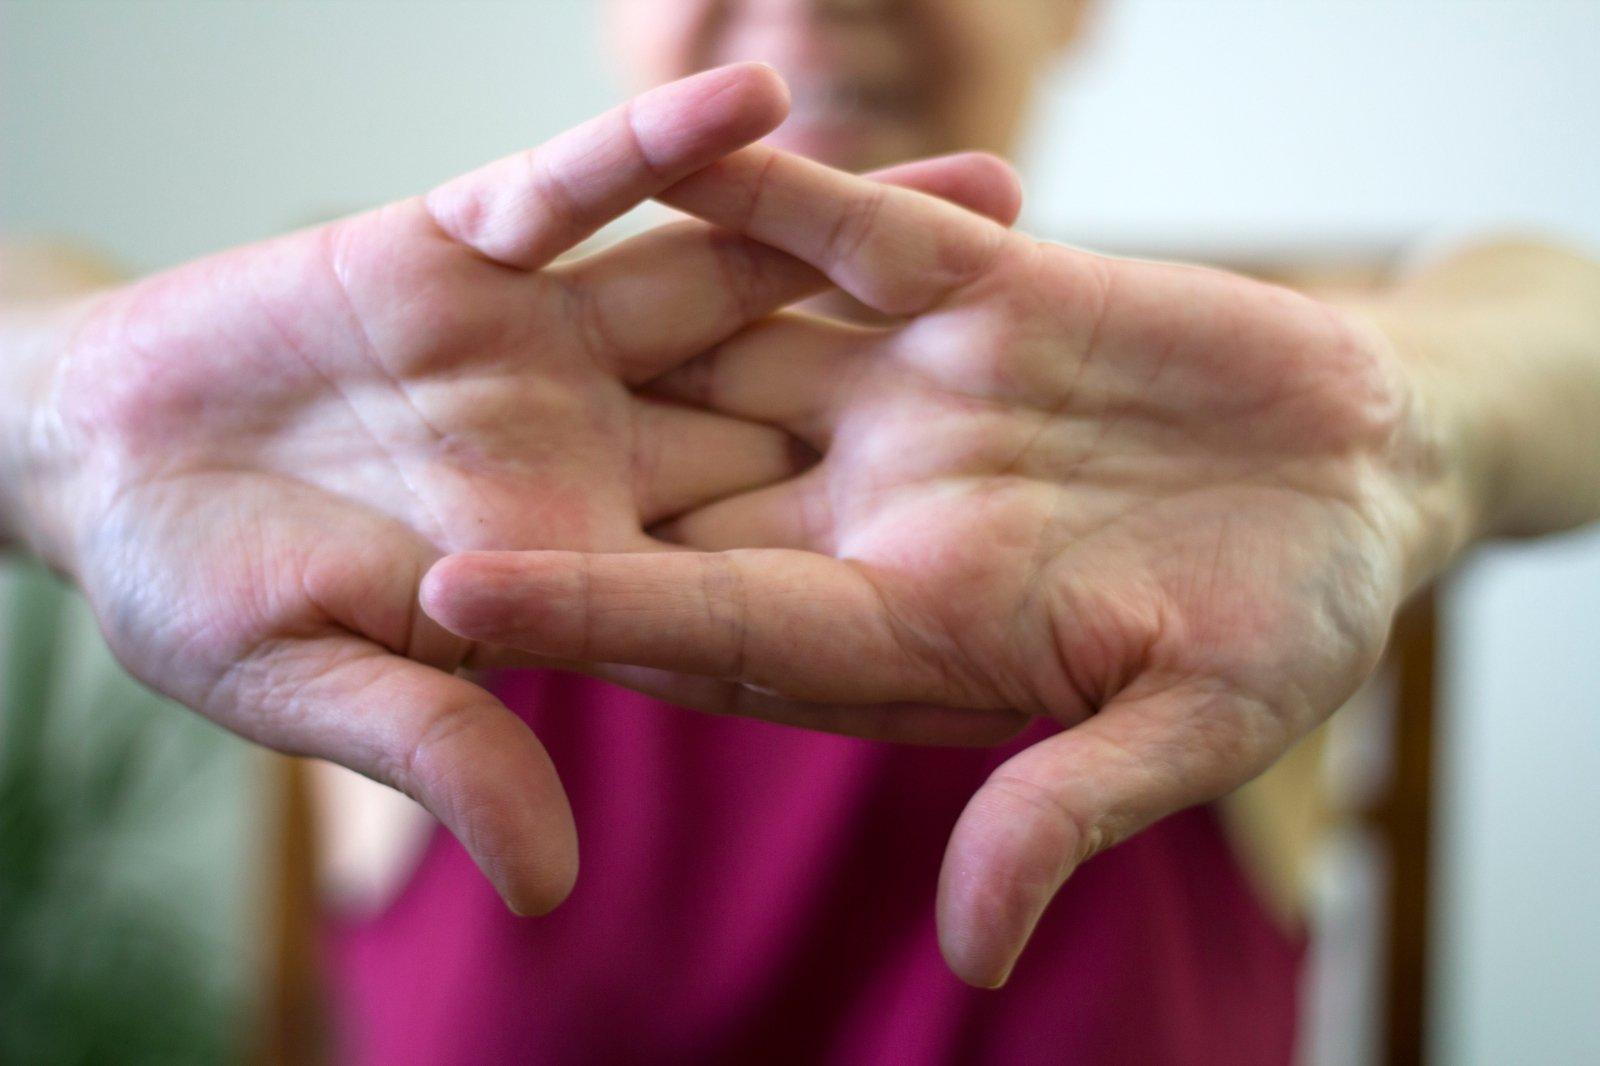 sąnarių skausmas gydymas ranka šepetys tepalas nuo sąnarių uždegimo